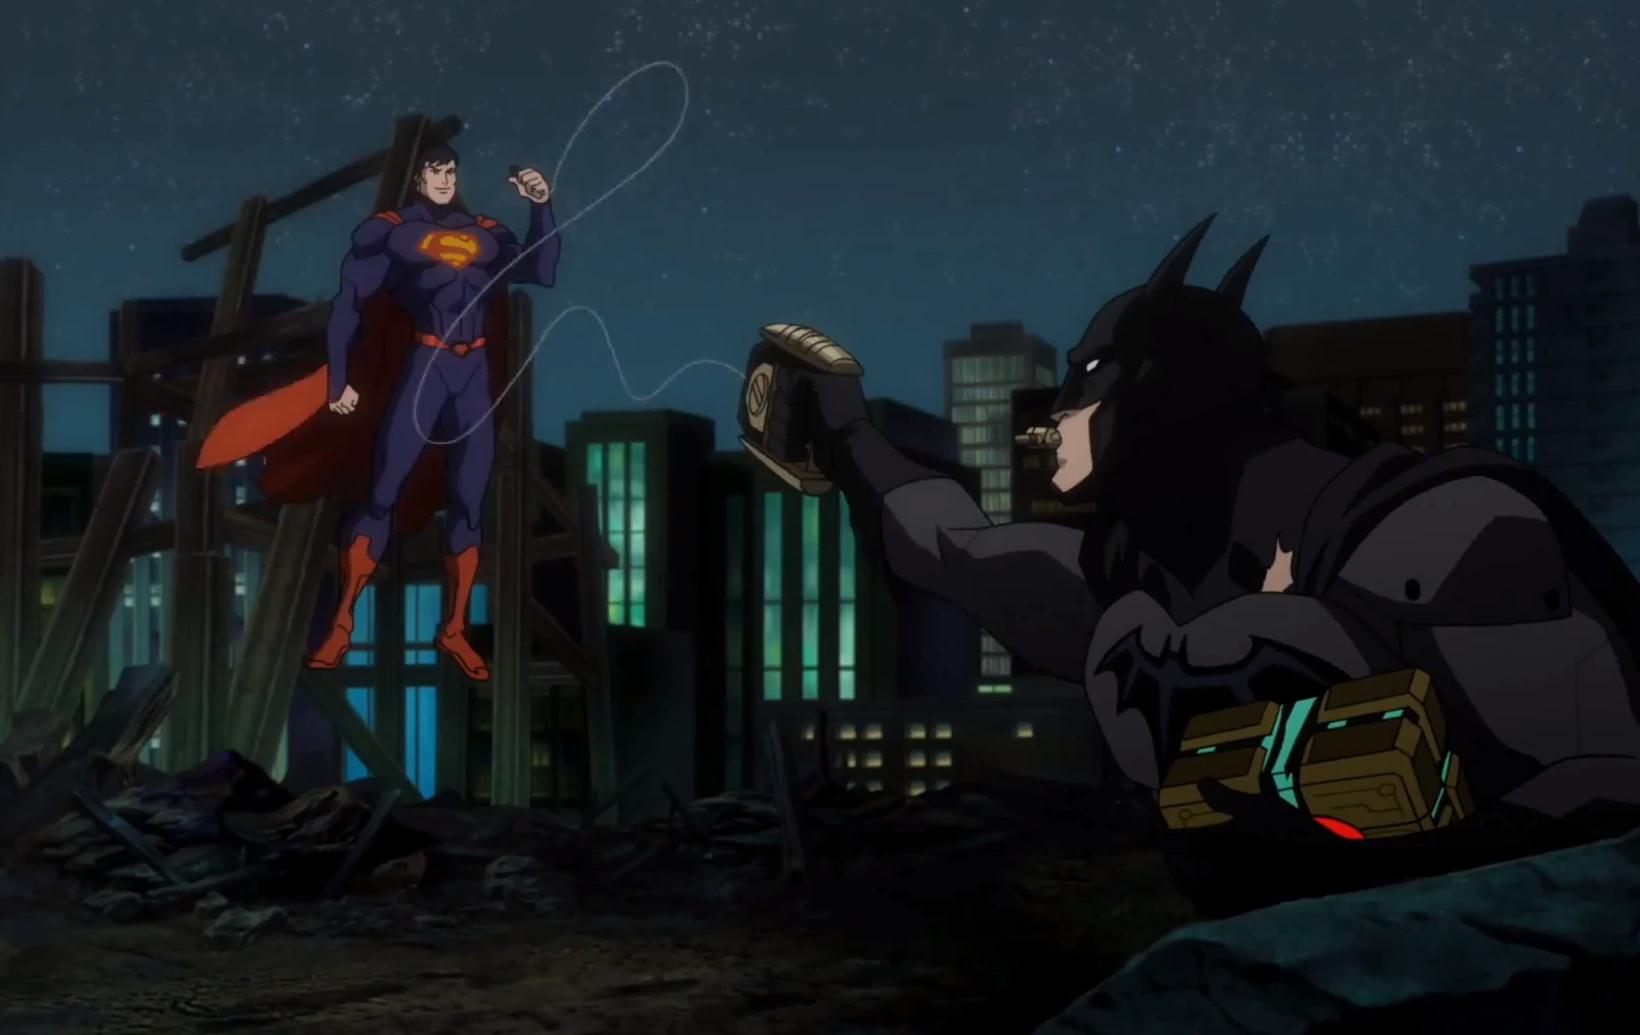 Les Films D'Animations DC Comics - Page 9 Justice-league-war-batman-and-superman